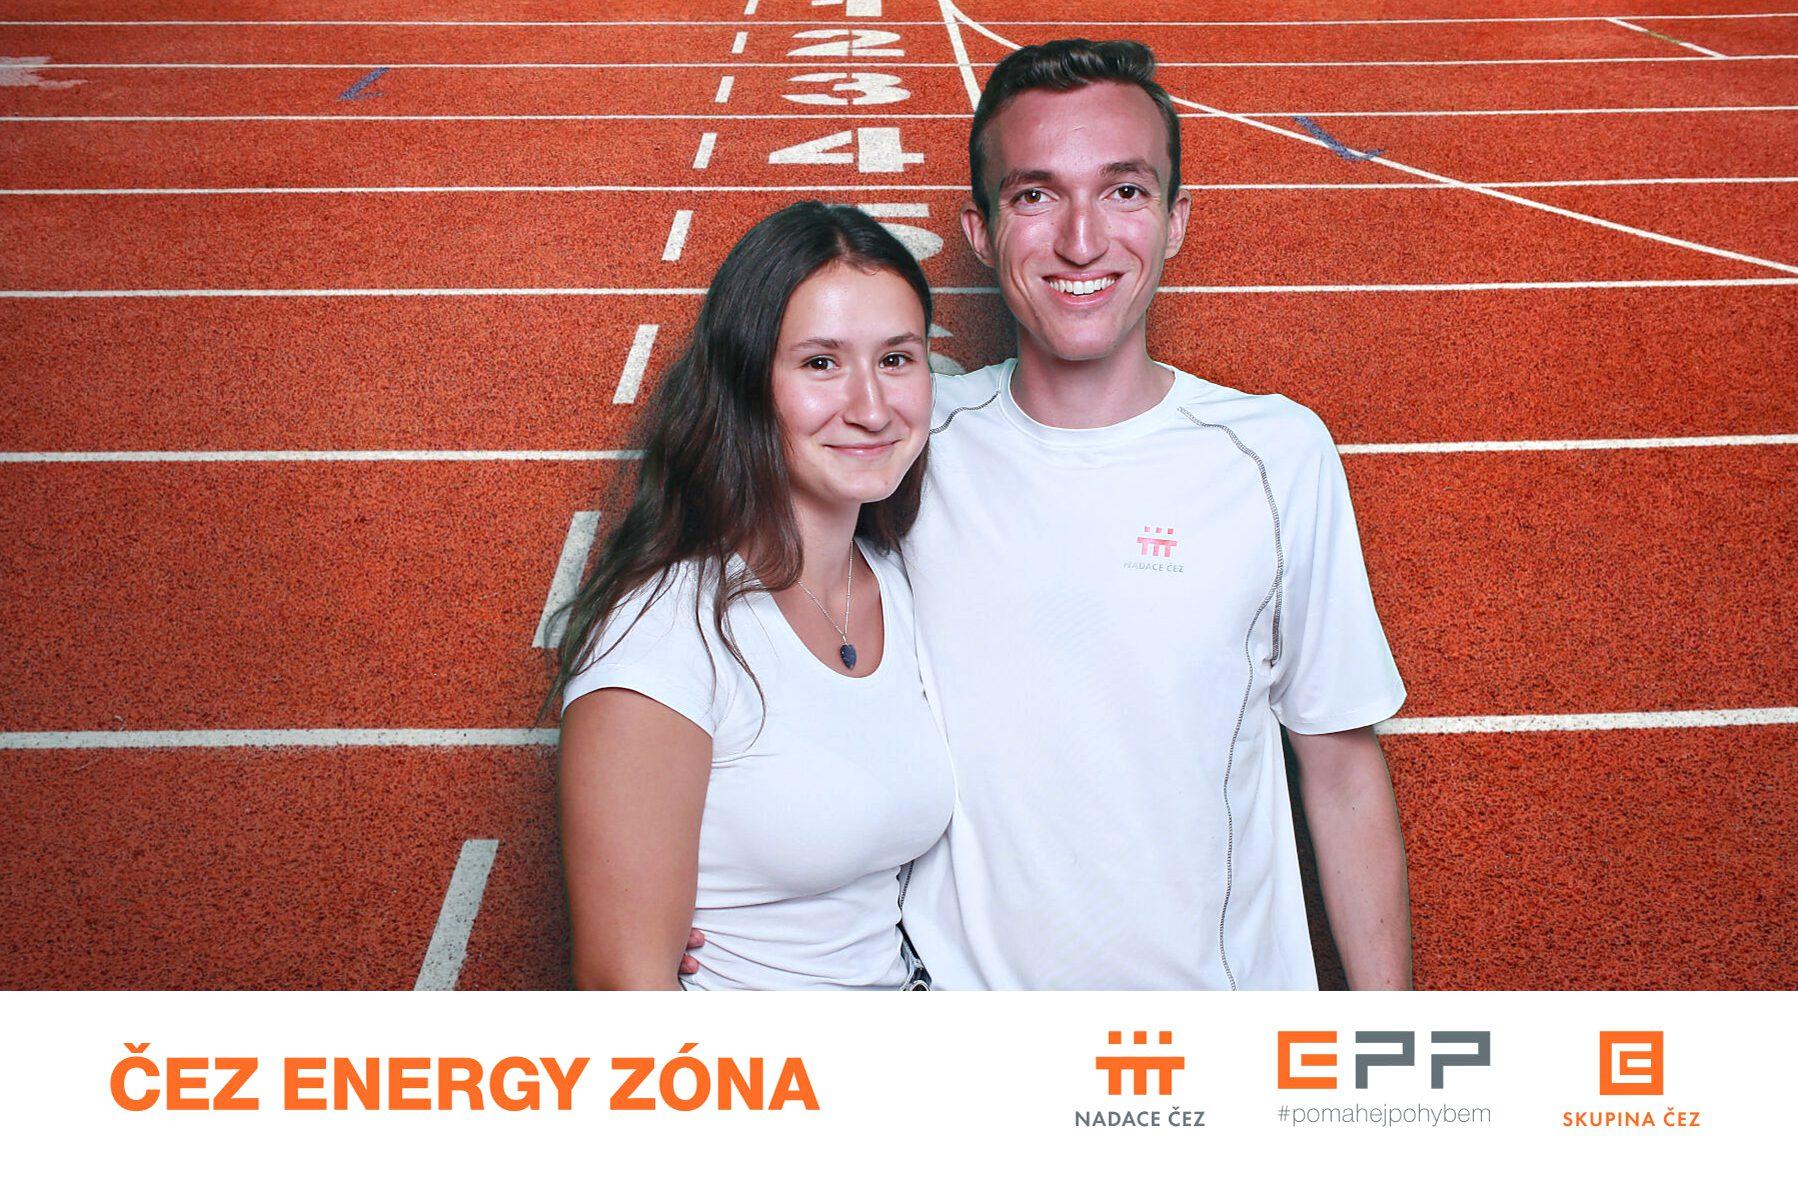 fotokoutek-olympijsky-festival-cez-energy-zona-3-8-2021-739734